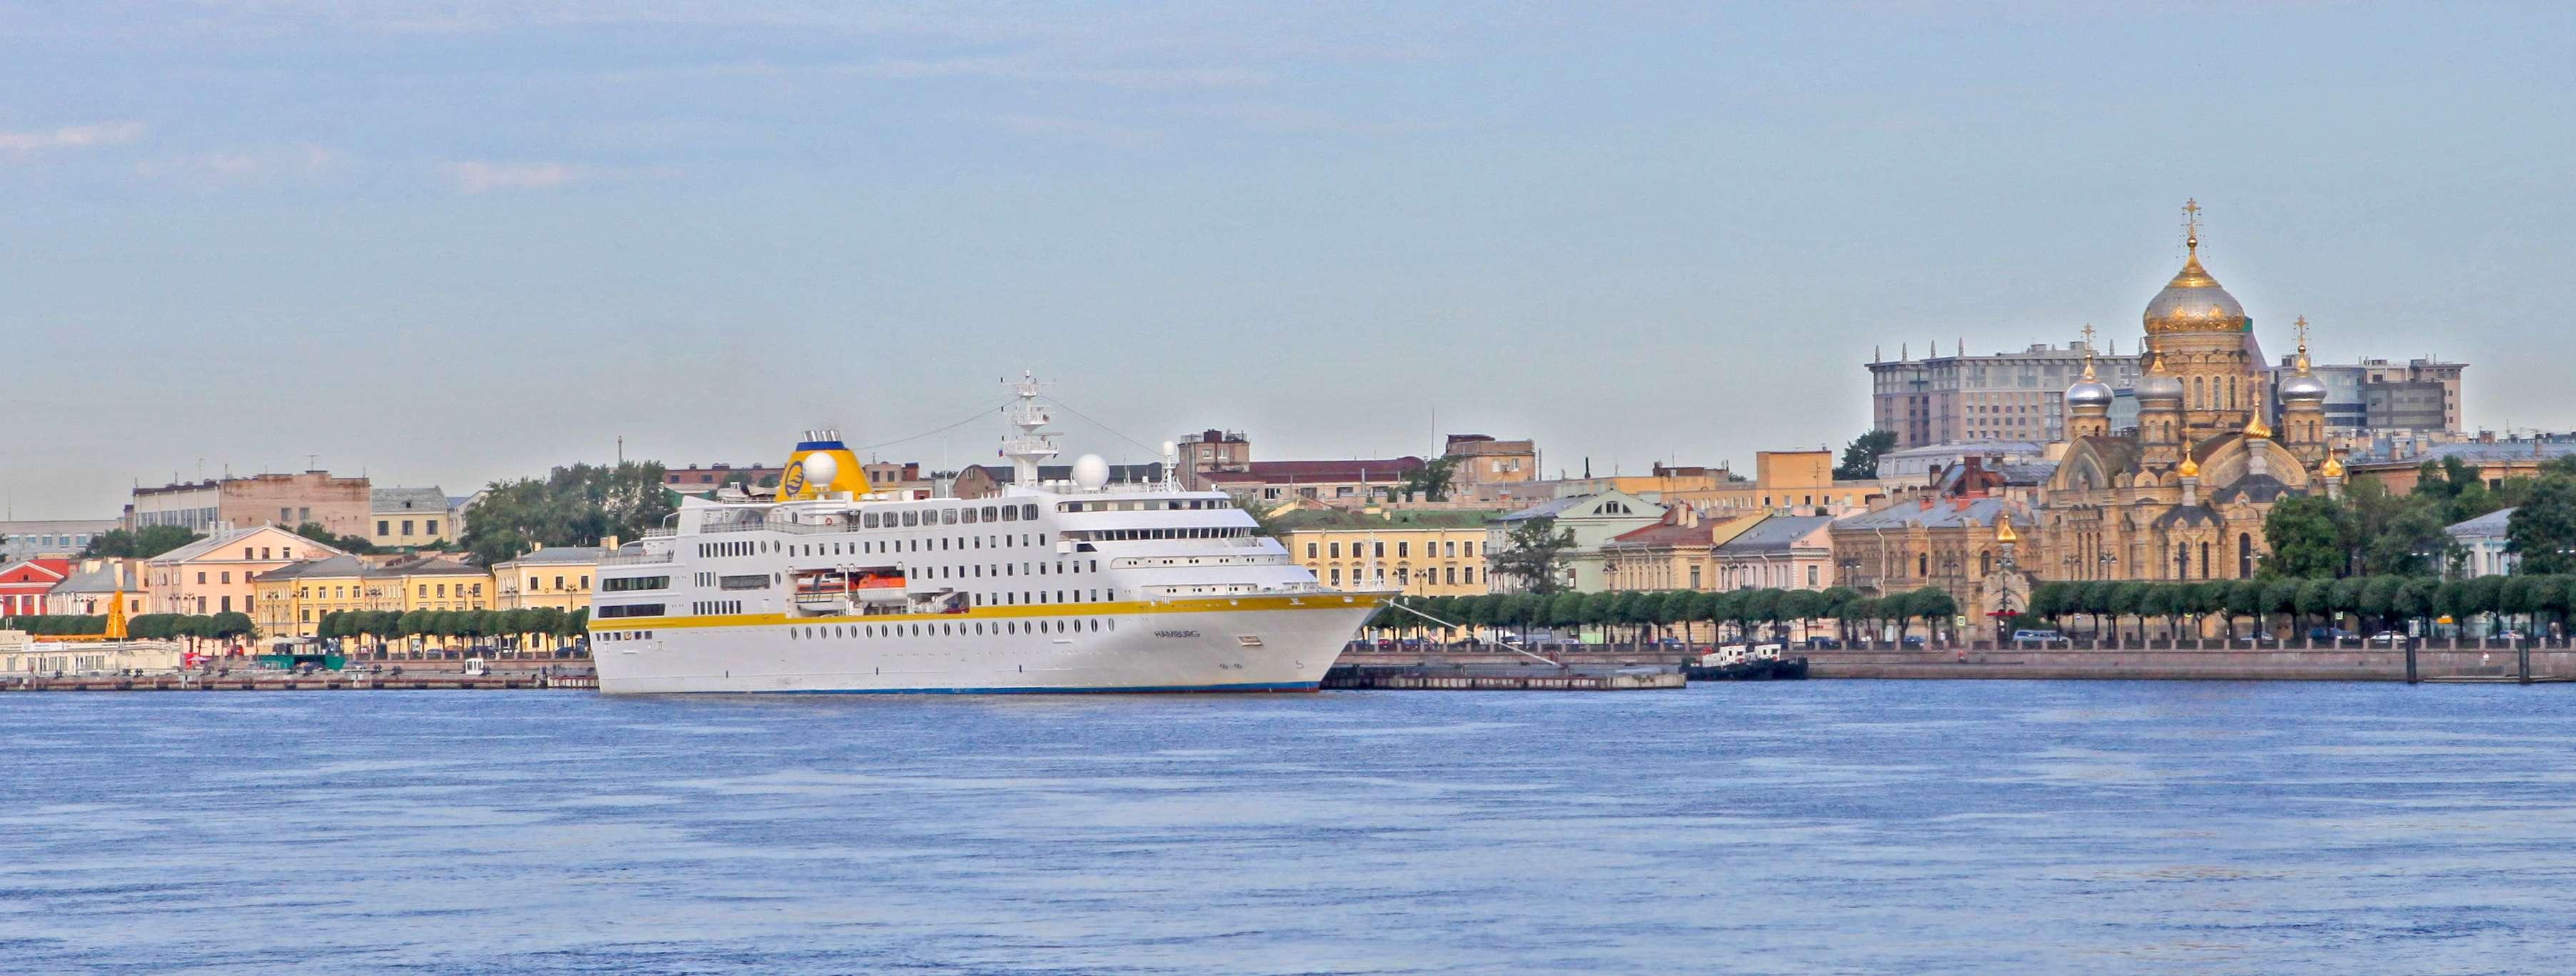 Hamburg St. Petersburg